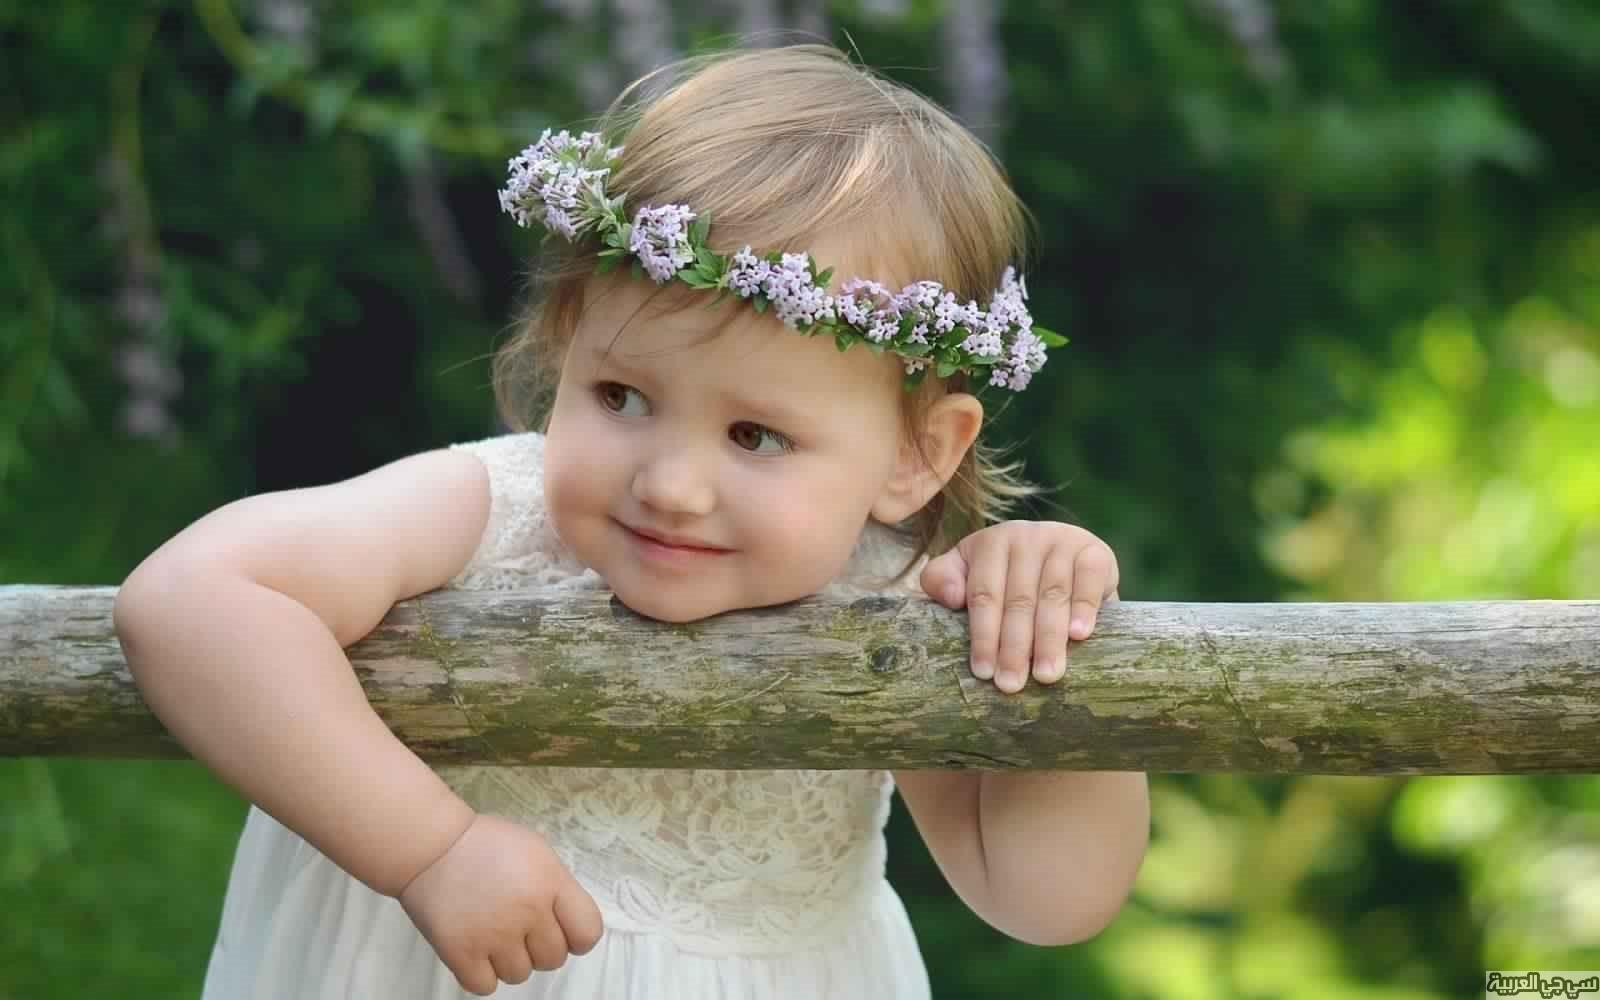 صور صور اطفال جديده , اطفال تهبل ربنا يرزق الجميع مثلهم